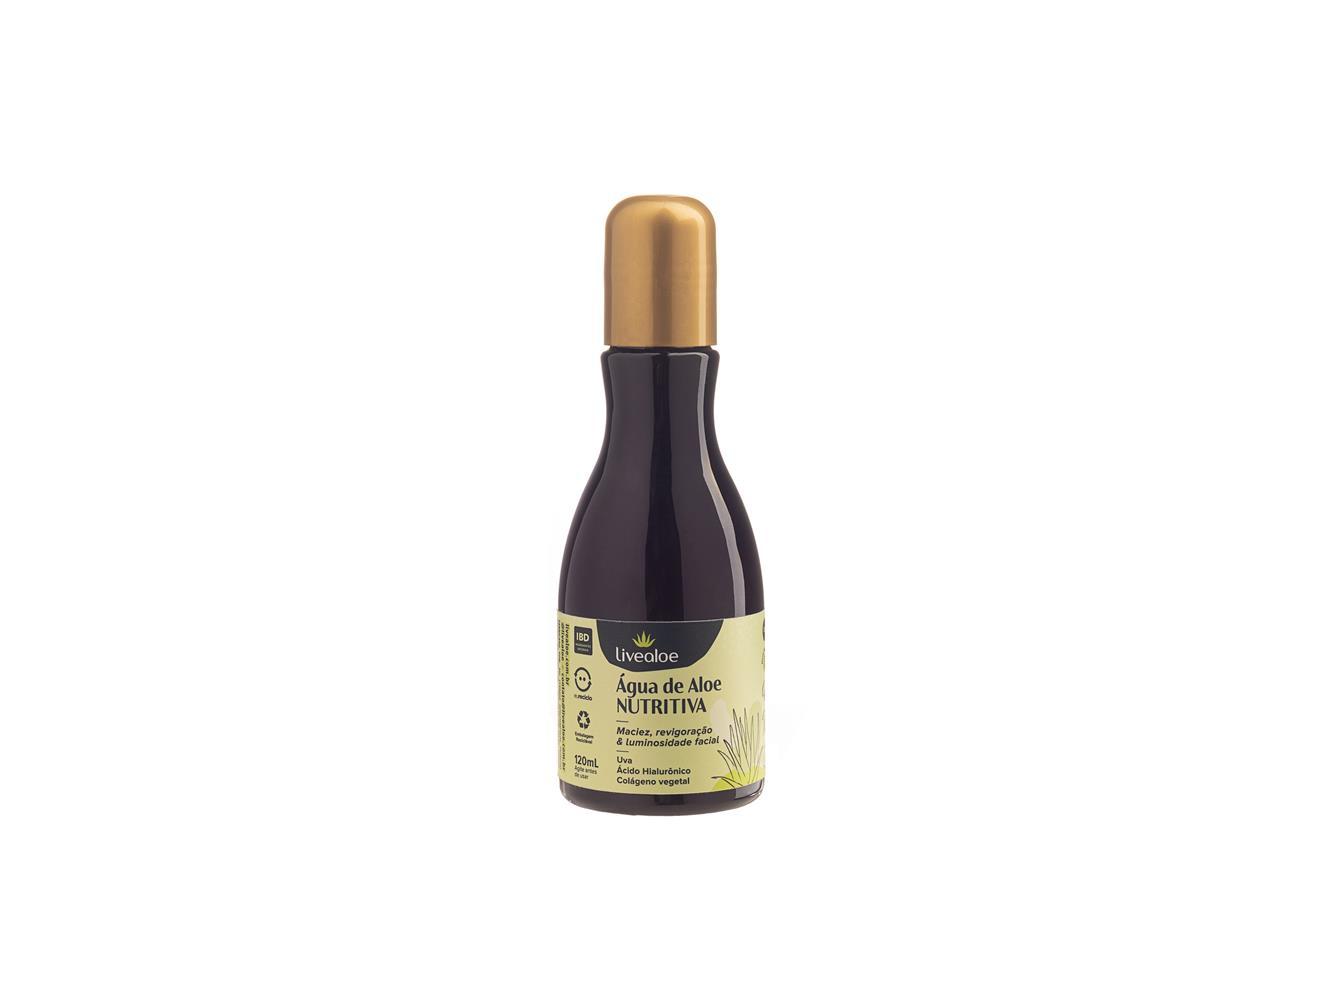 Água de Aloe Nutritiva Livealoe 120 ml